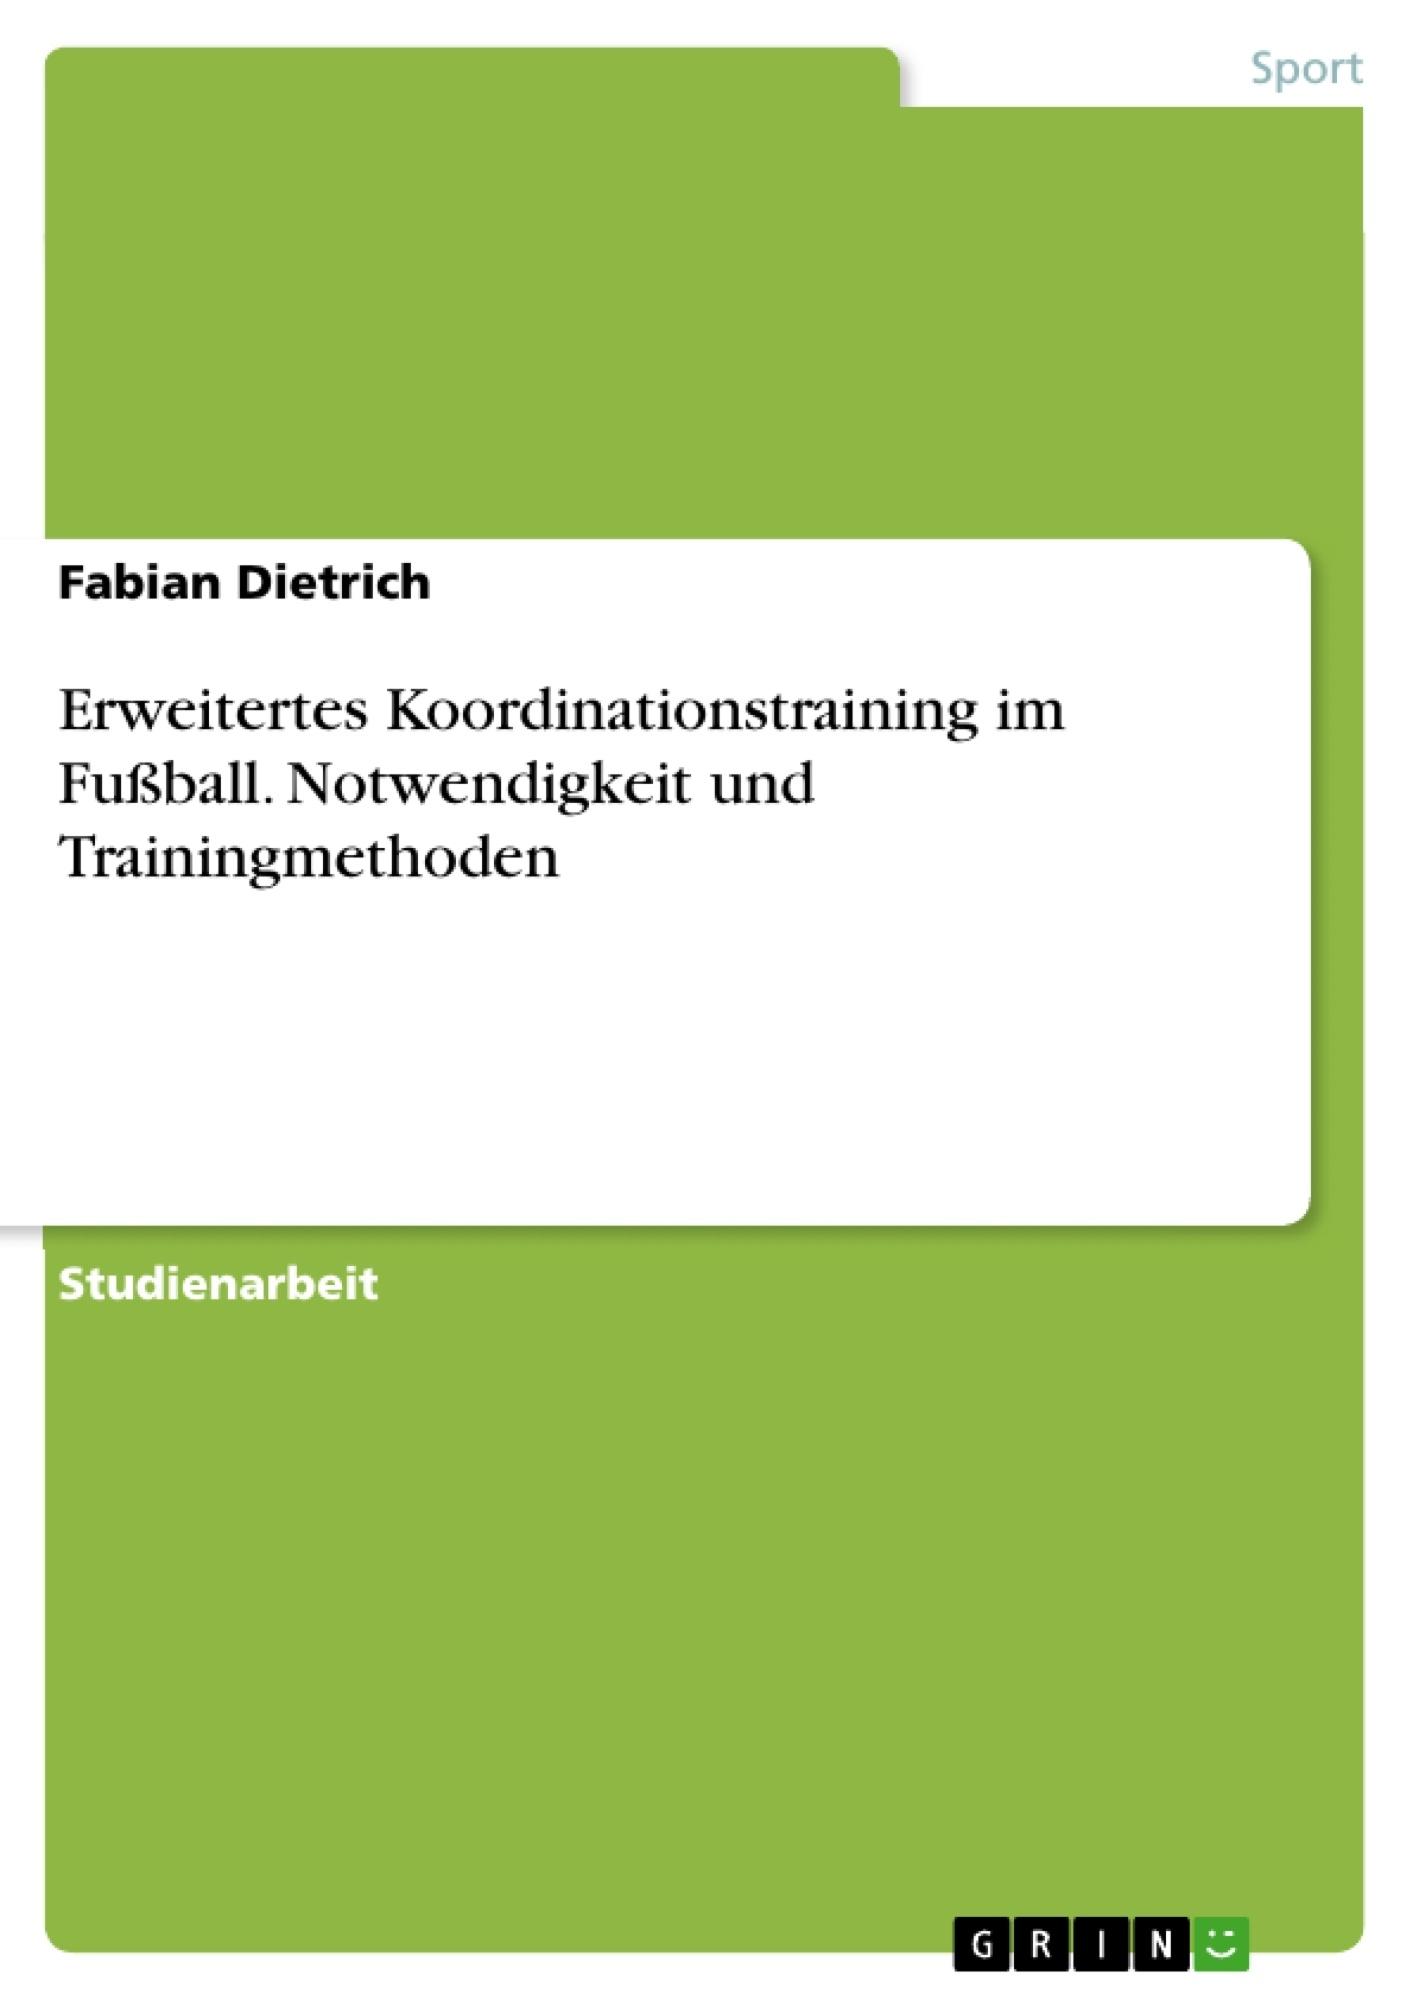 Titel: Erweitertes Koordinationstraining im Fußball. Notwendigkeit und Trainingmethoden